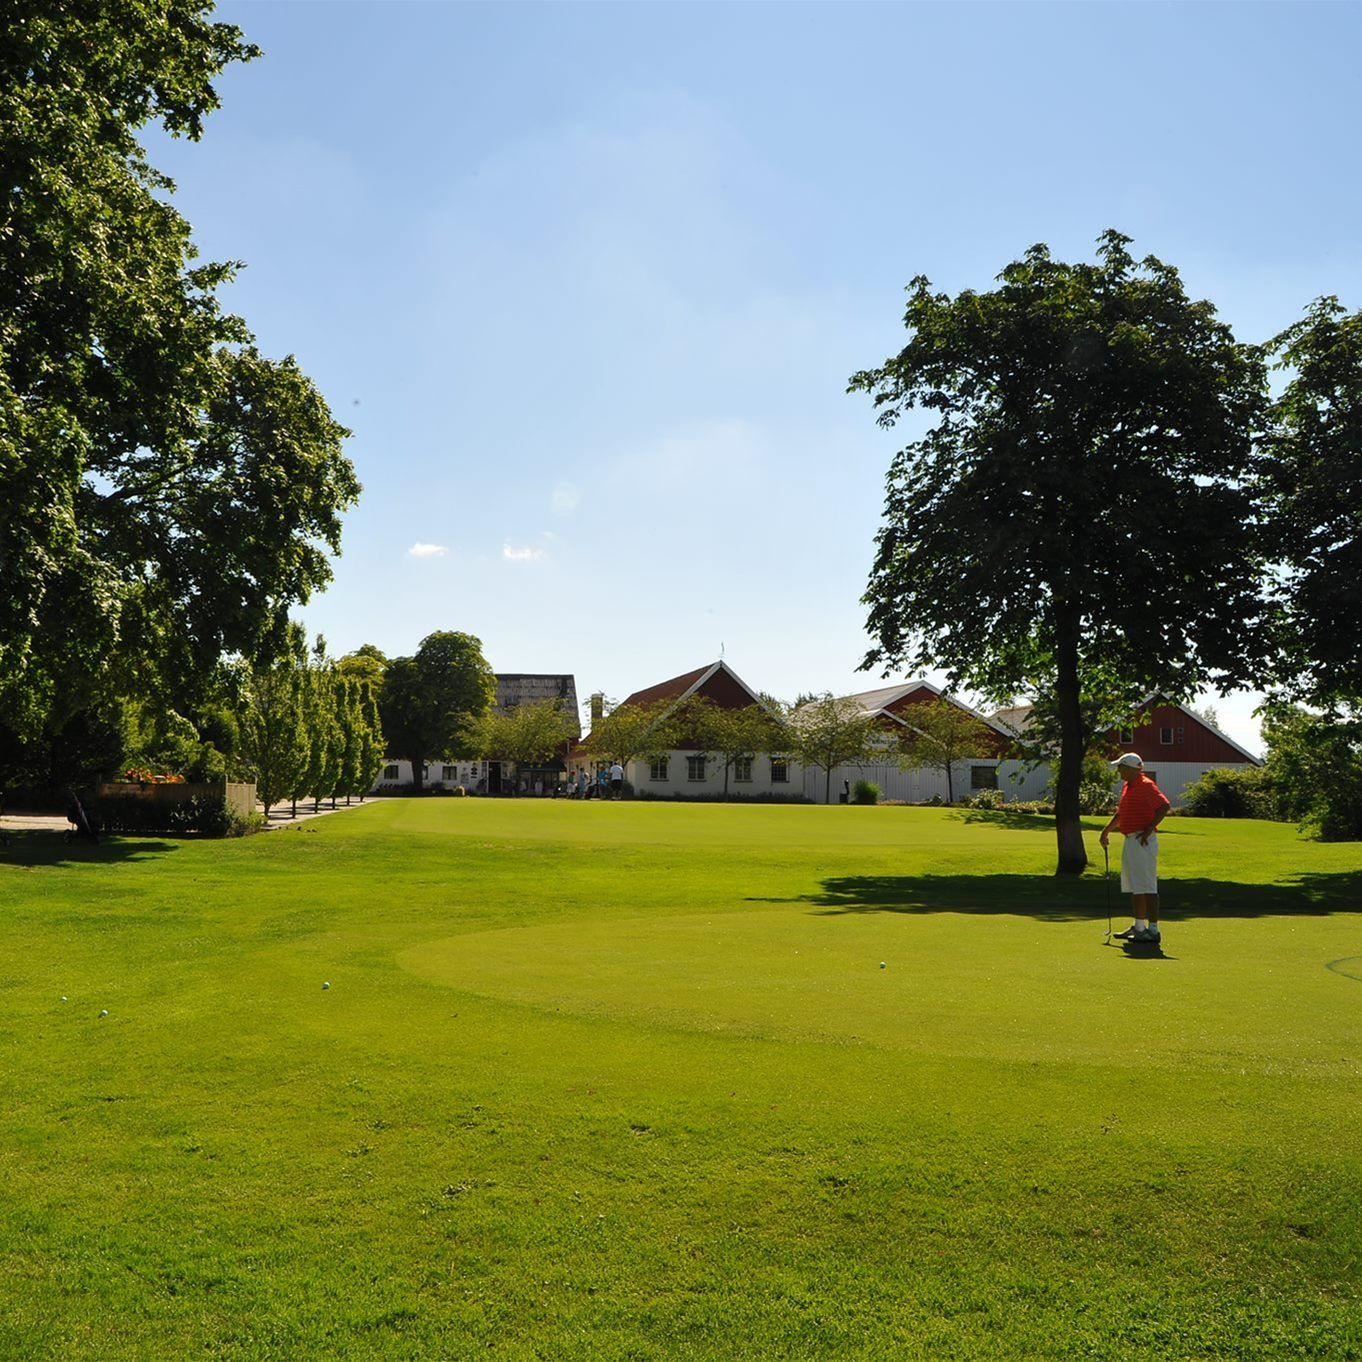 © Kävlinge Golfklubb, Kävlinge Golfplatz